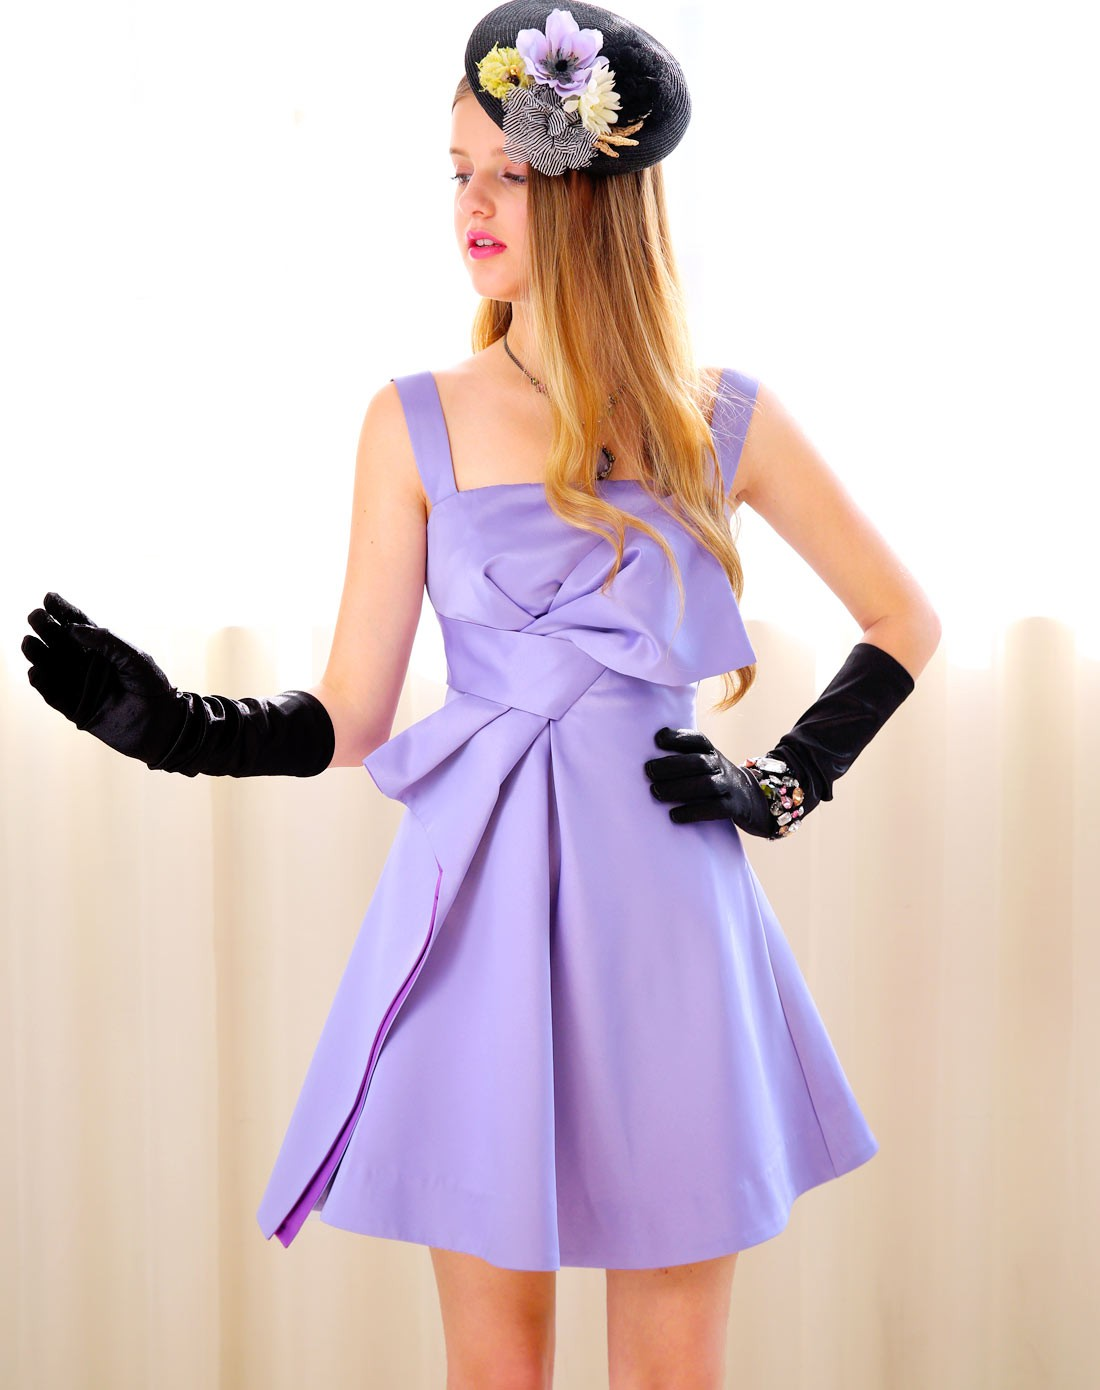 紫色立裁蝴蝶结小礼服图片